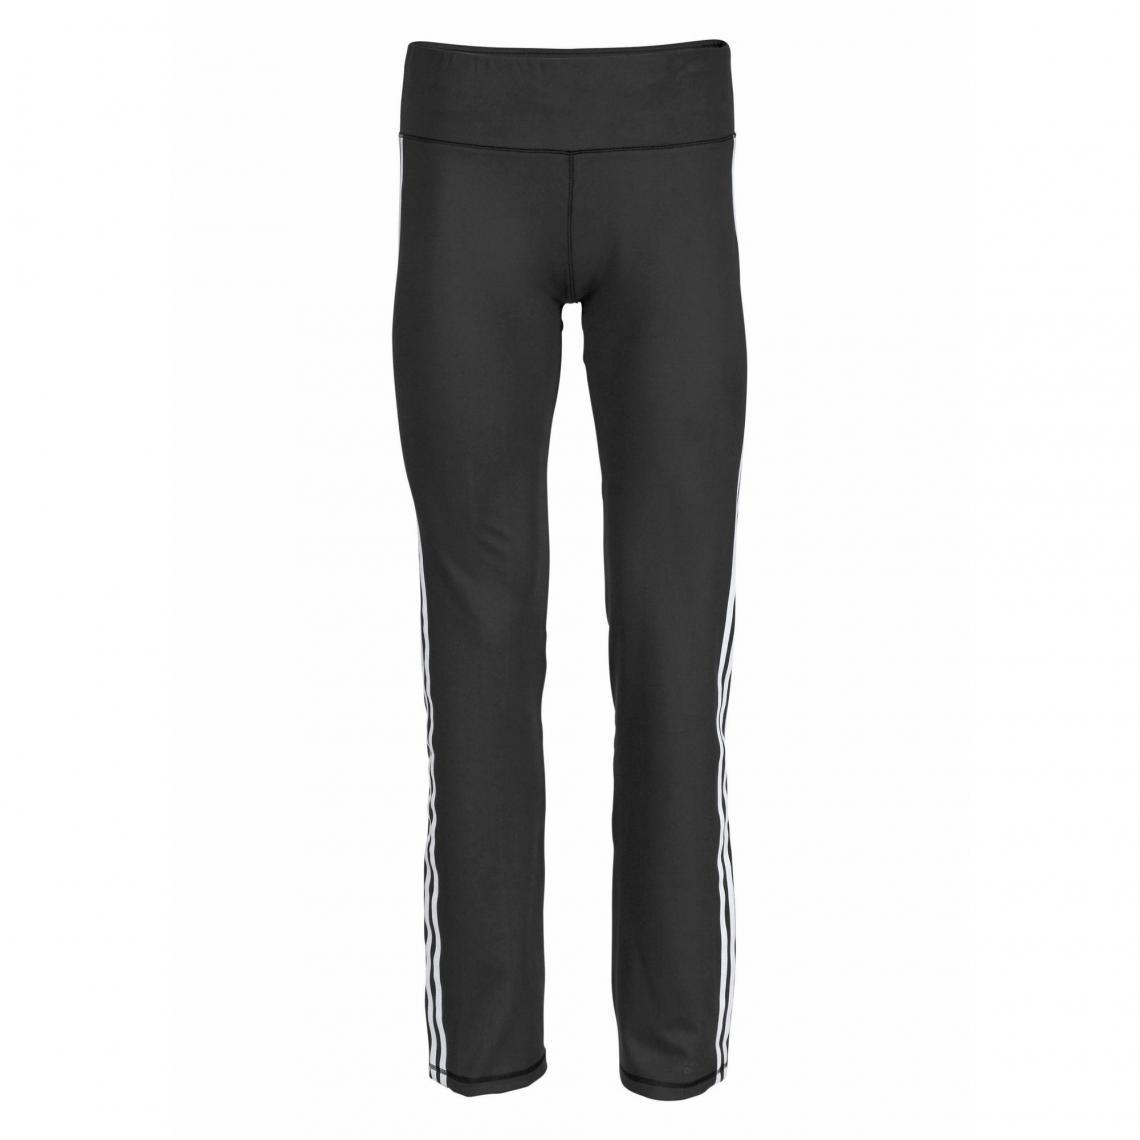 9253947dfa37 Pantalon de survêtement JazzPants D2M 3S femme adidas Performance - Noir Adidas  Performance